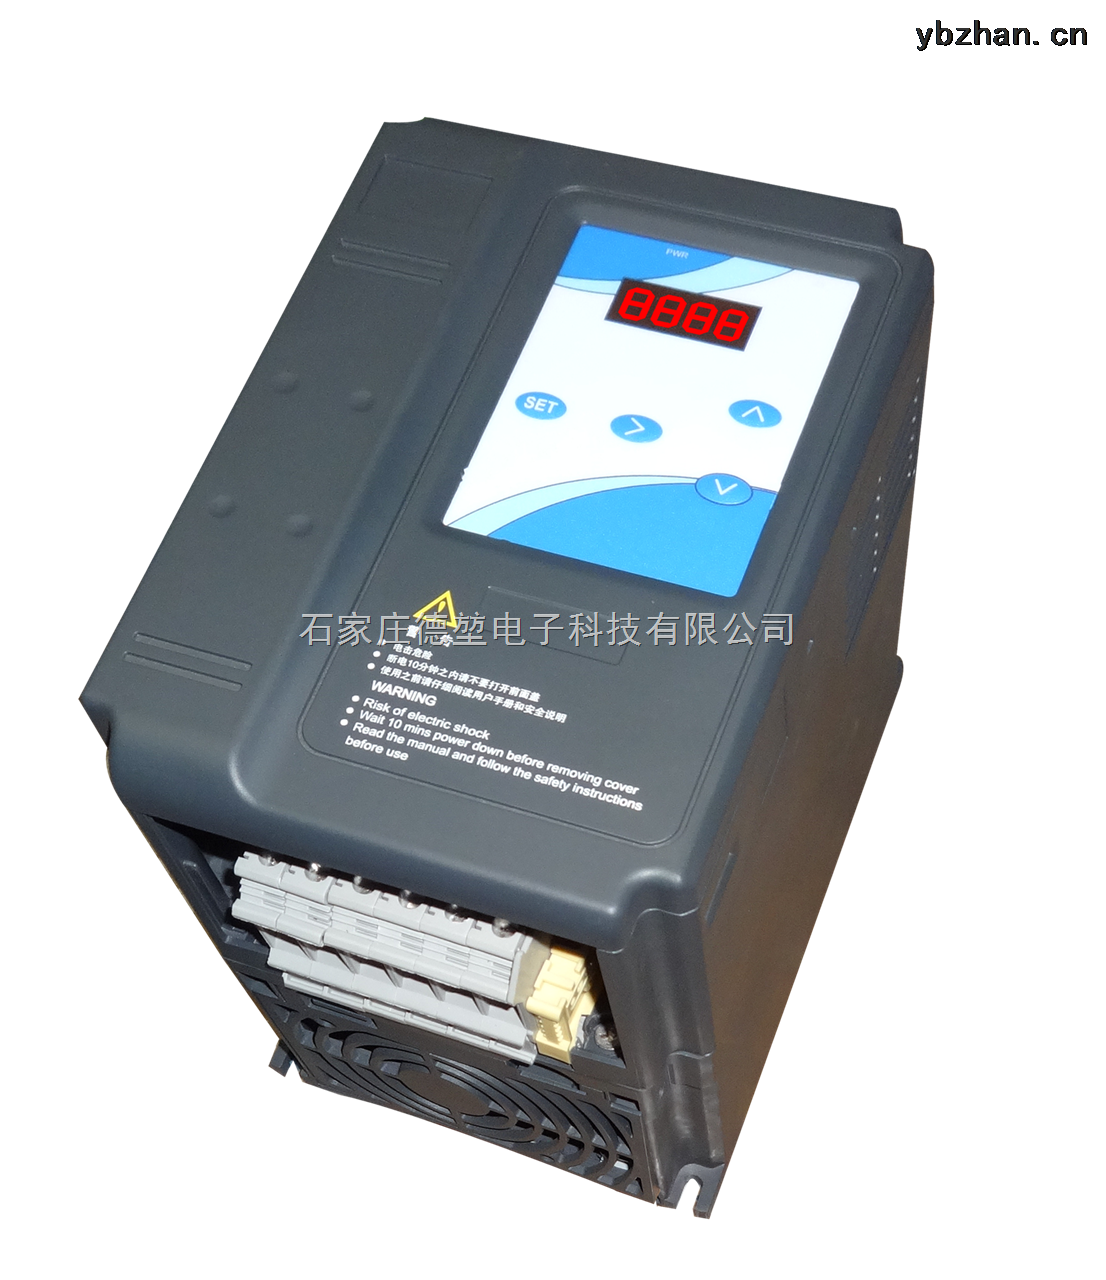 DK PACK-DK PACK單相型數字功率控制器 過零觸發 西門康可控硅調功器